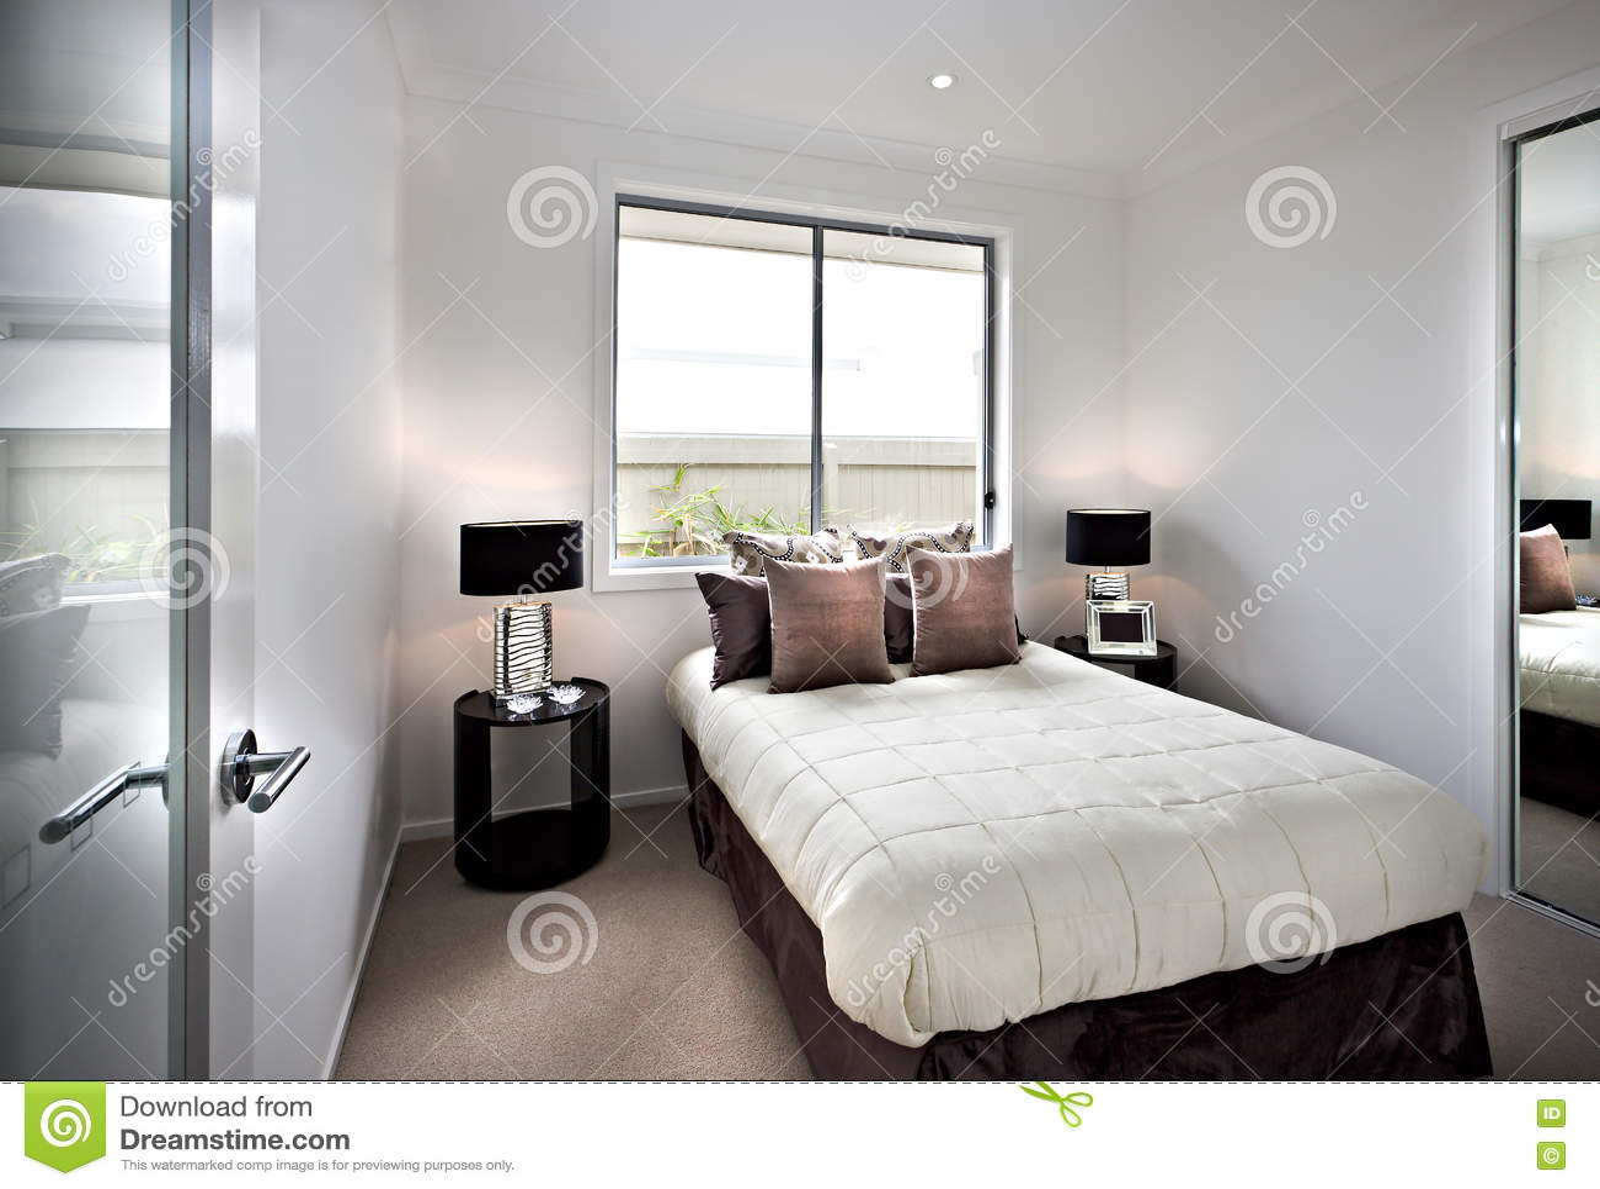 Modernes und klassisches Schlafzimmer mit Fenstern und Lampen